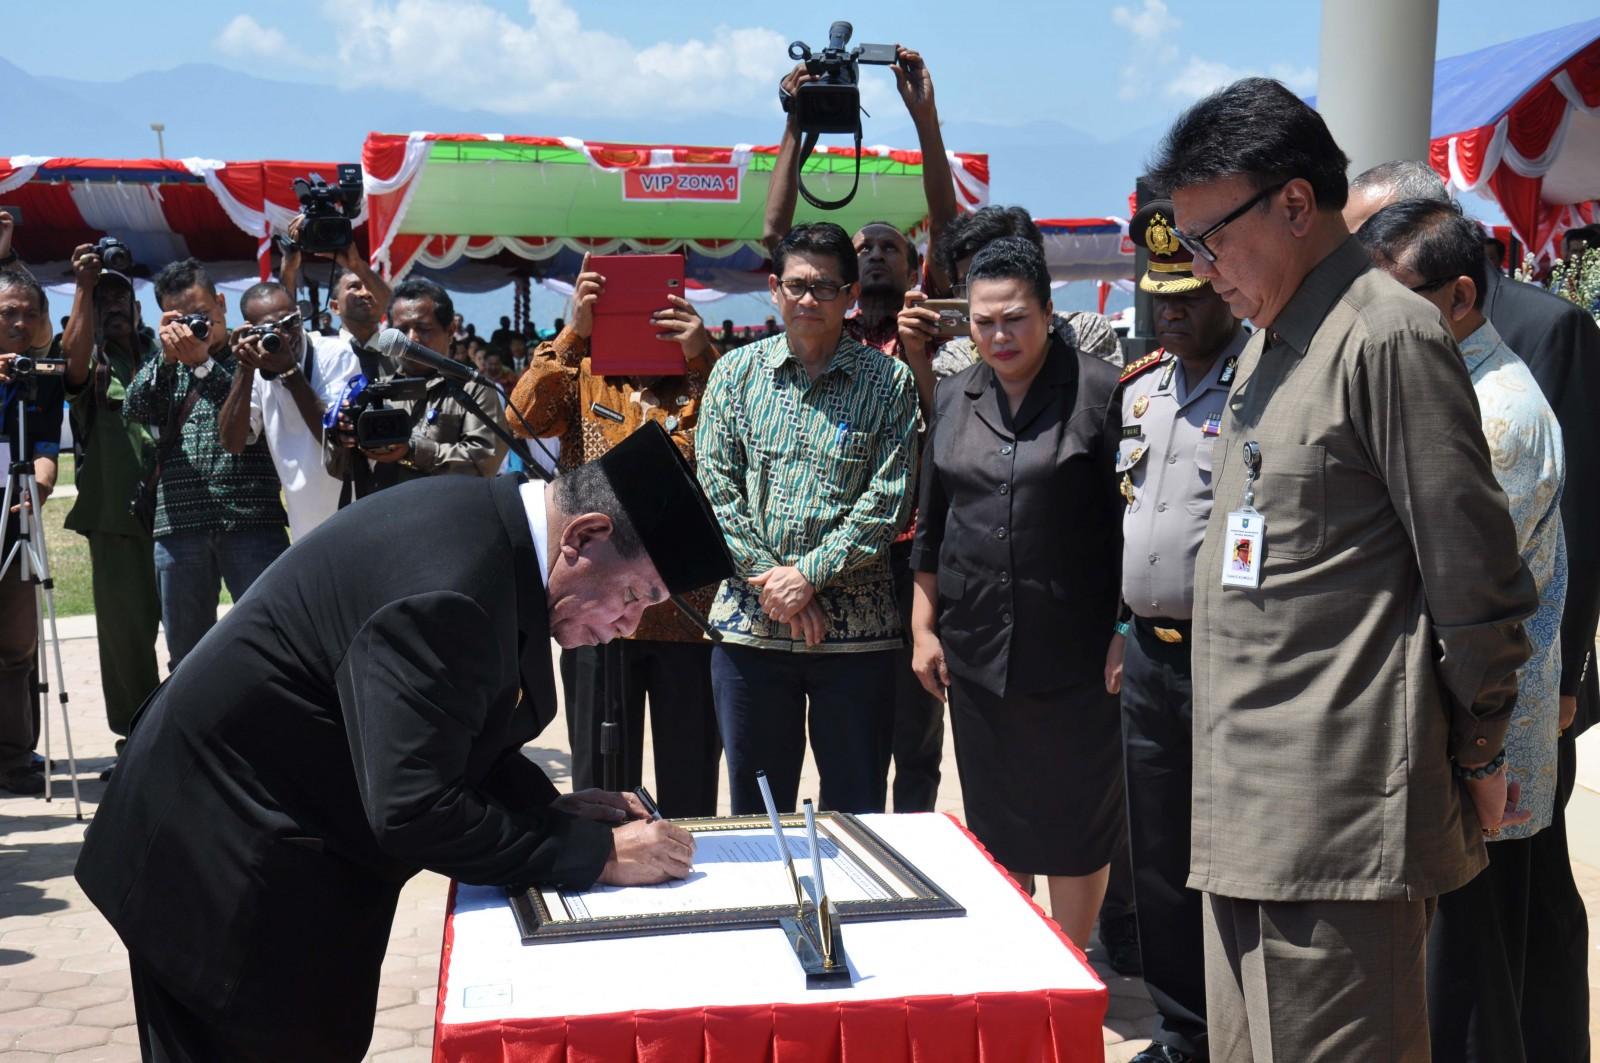 gubernur-papua-barat-abraham-o-atururi-menandatangani_deklarasi-provinsi-konservasi-disaksikan-mendagri-tjahjo-kumolo_foto_nugroho-arif-prabowo-tnc.jpg